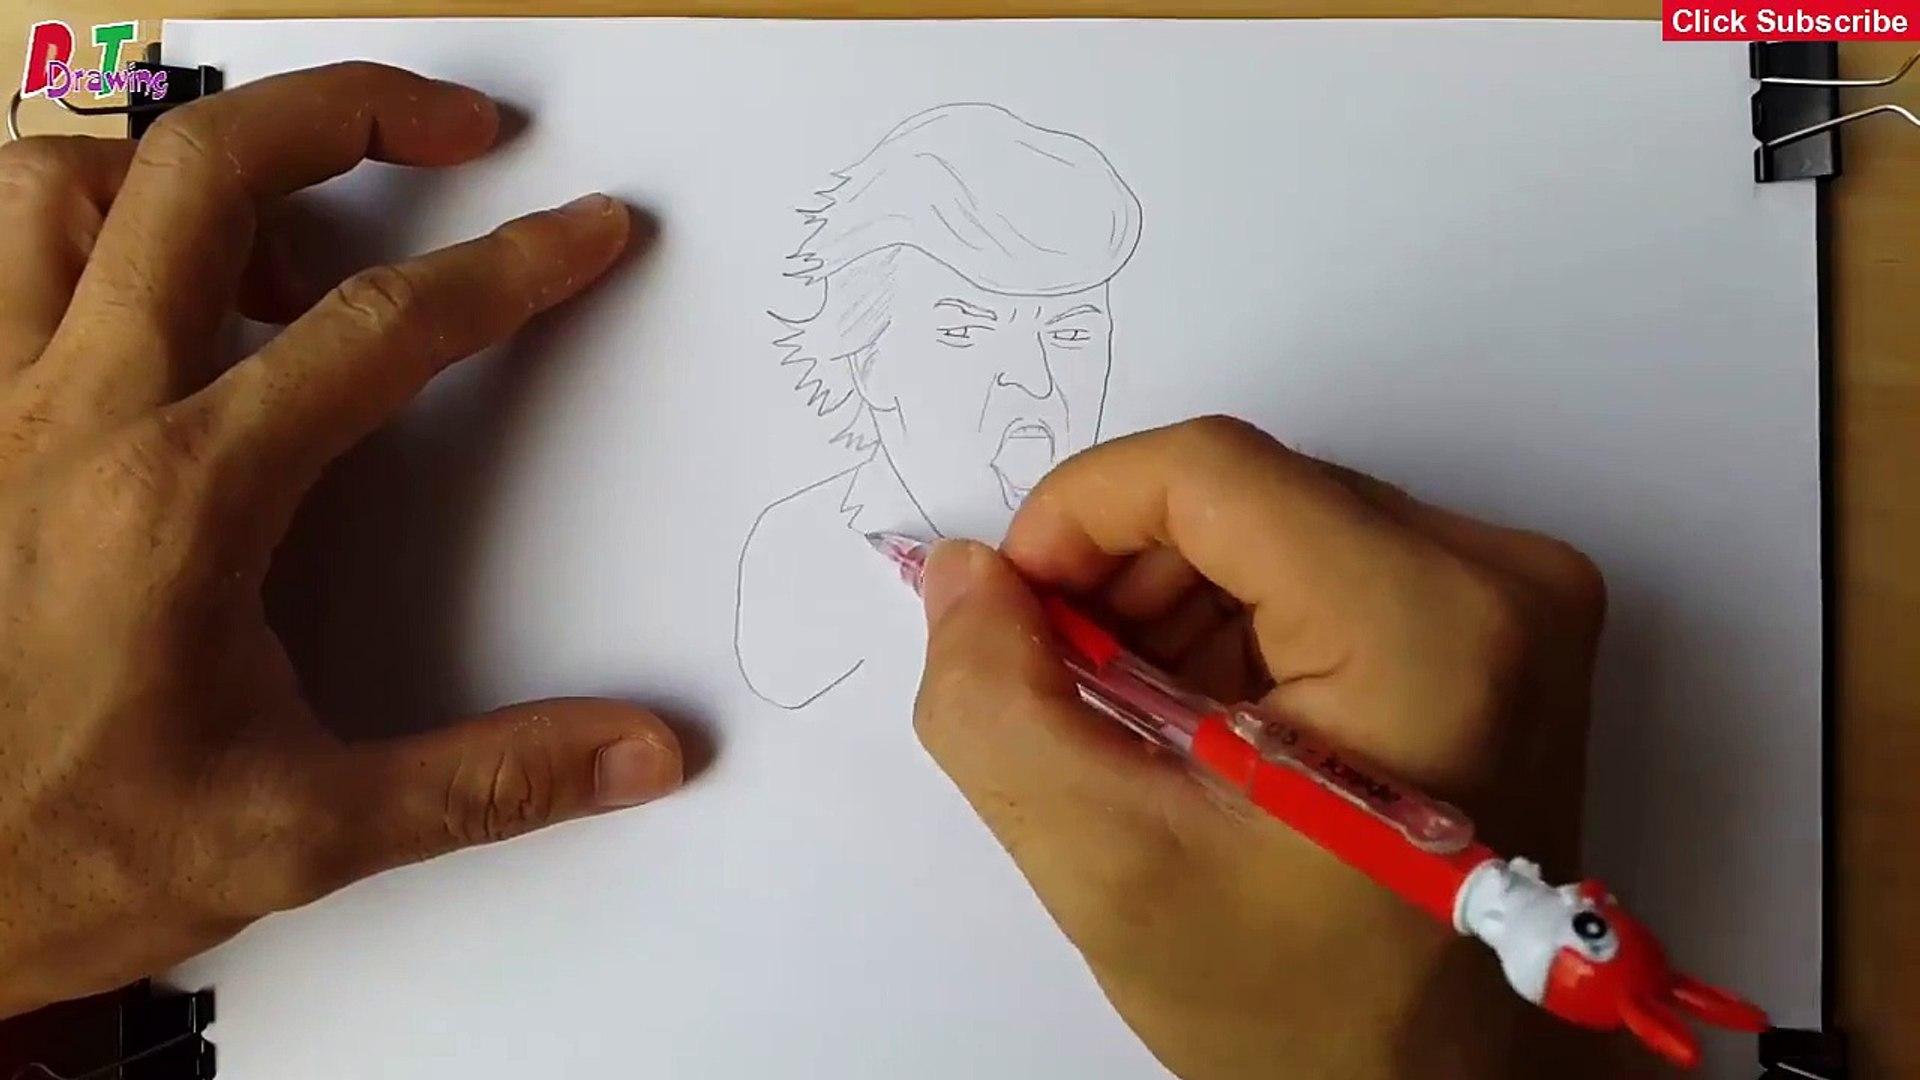 Donald Trump - 3D Drawing Donald Trump - How To Draw Donald Trump